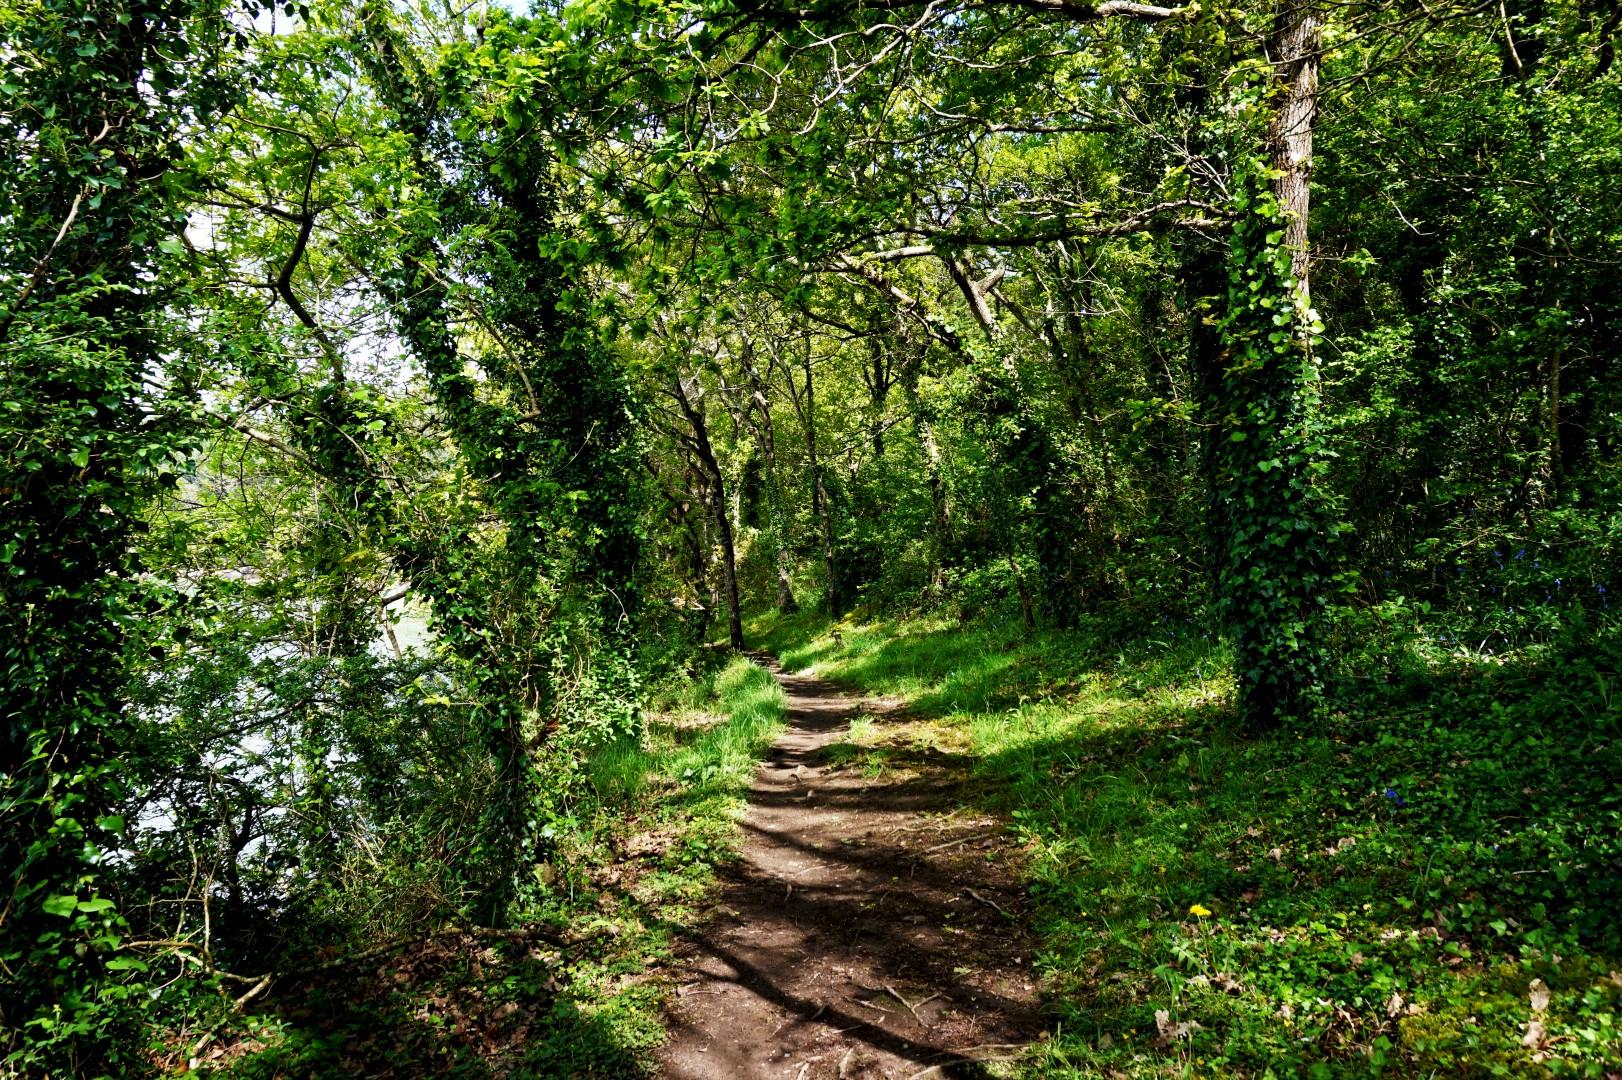 Vacances dans le Finistère Sud - Les chemins creux